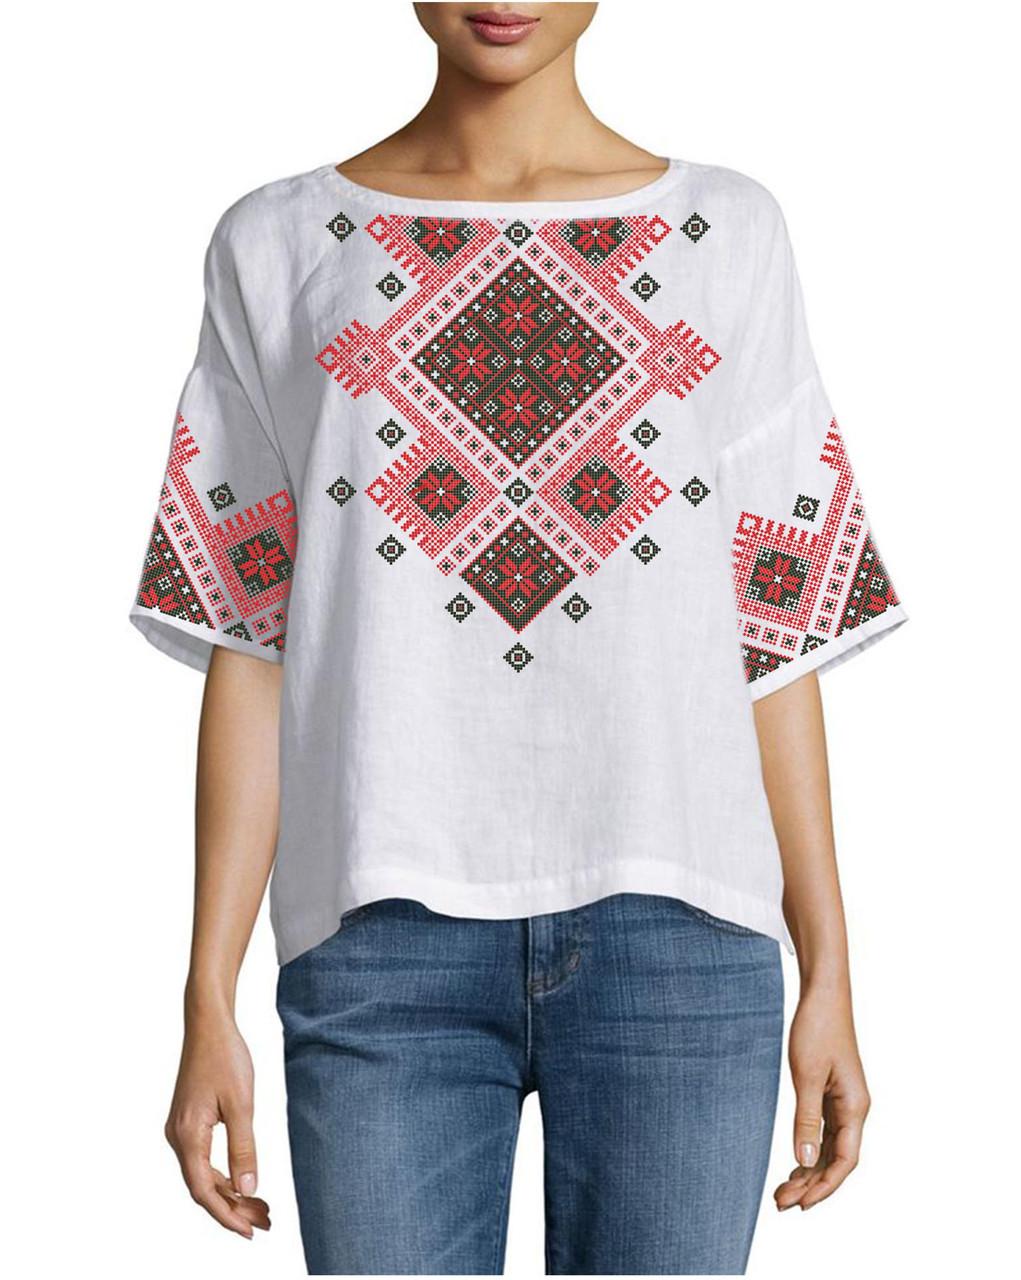 Заготовка вышиванки женской сорочки   блузы для вышивки бисером «Поперечний  орнамент» ea27a75b4679d